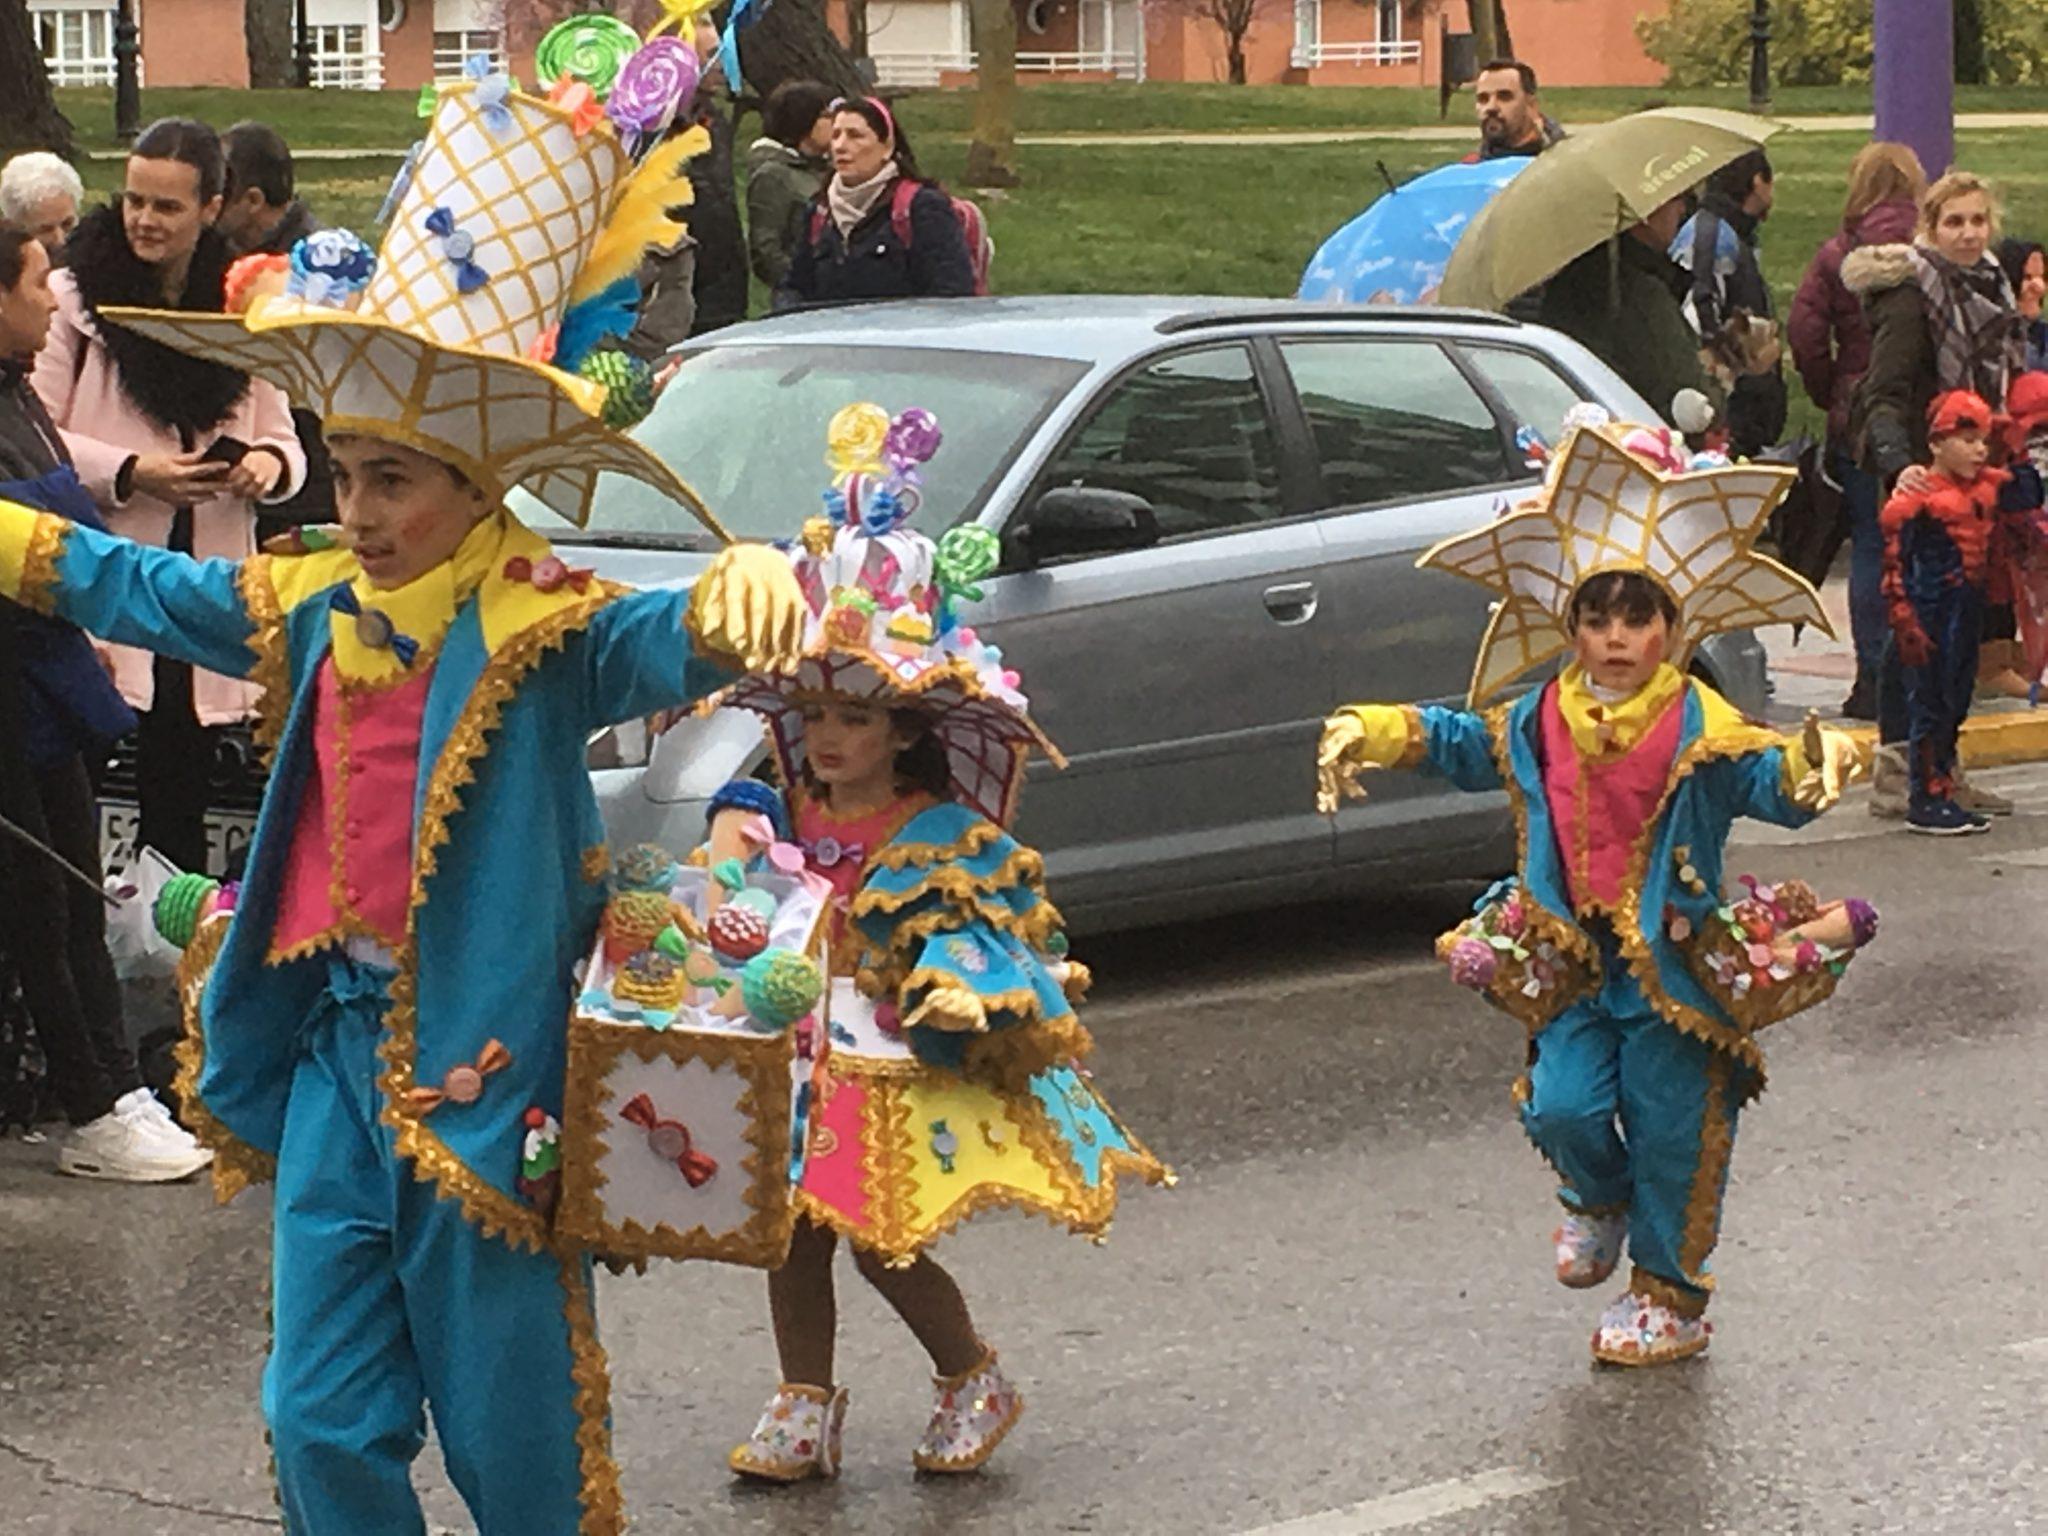 Álbum de fotos del martes de Carnaval 2019 en Ponferrada 59